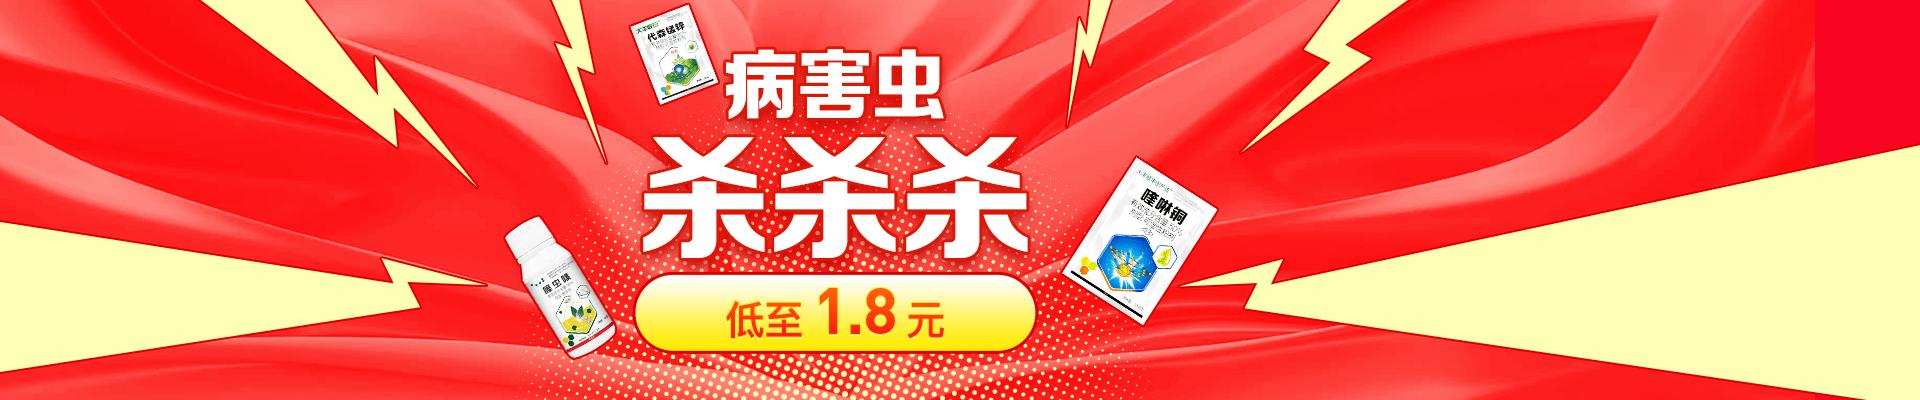 【7月】病虫防治专场